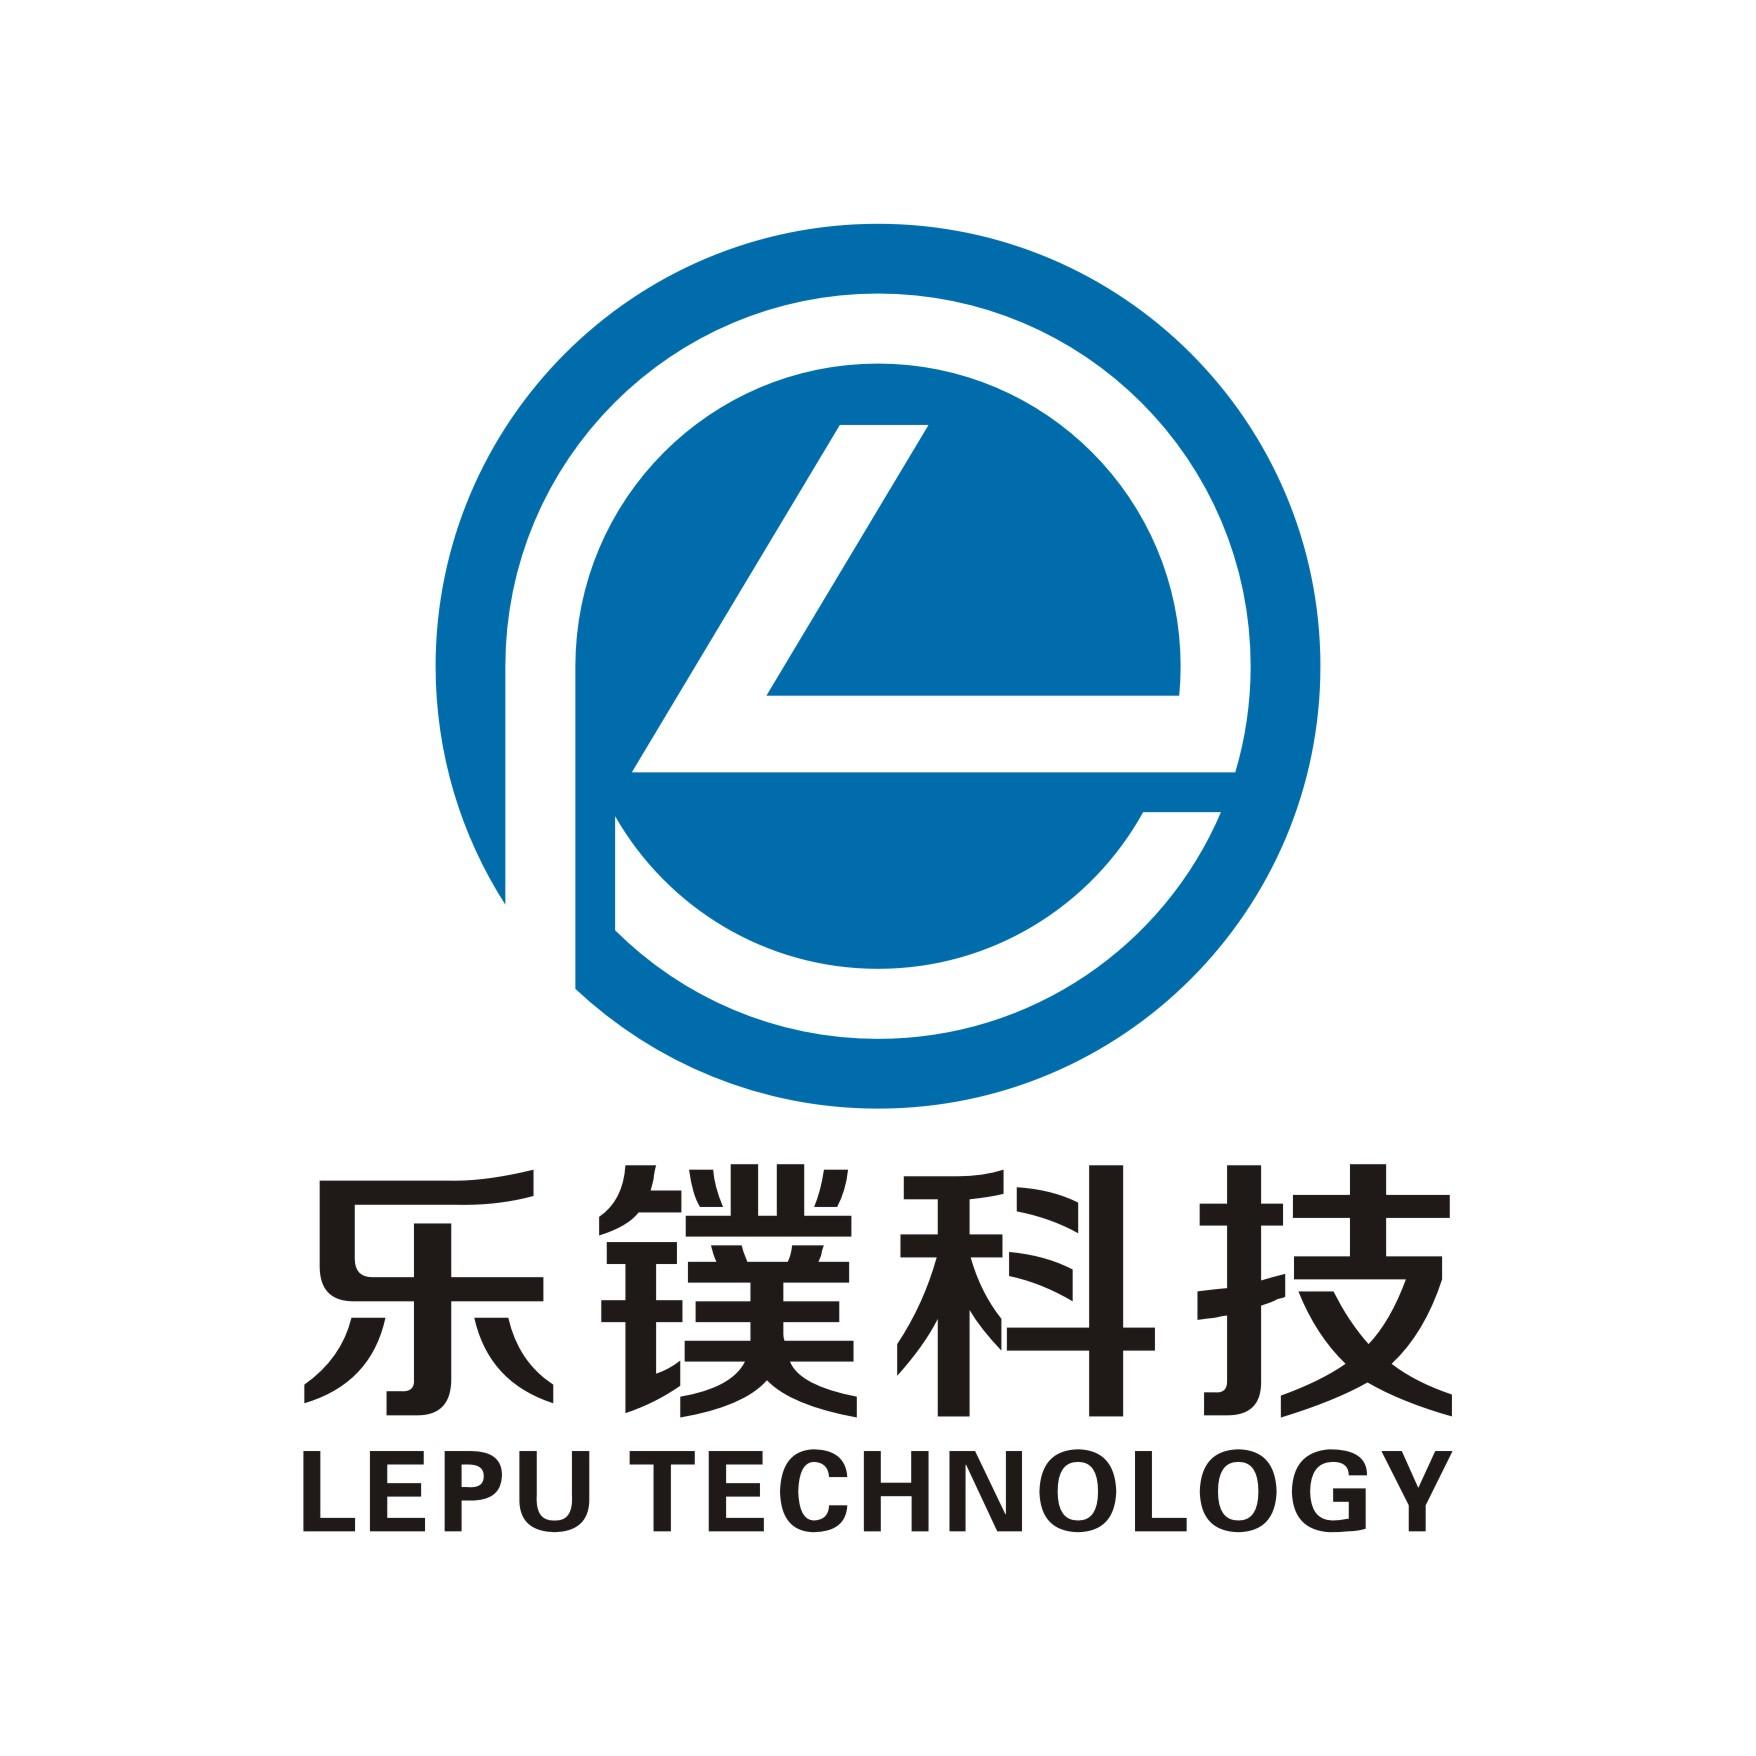 长春乐镤科技有限公司